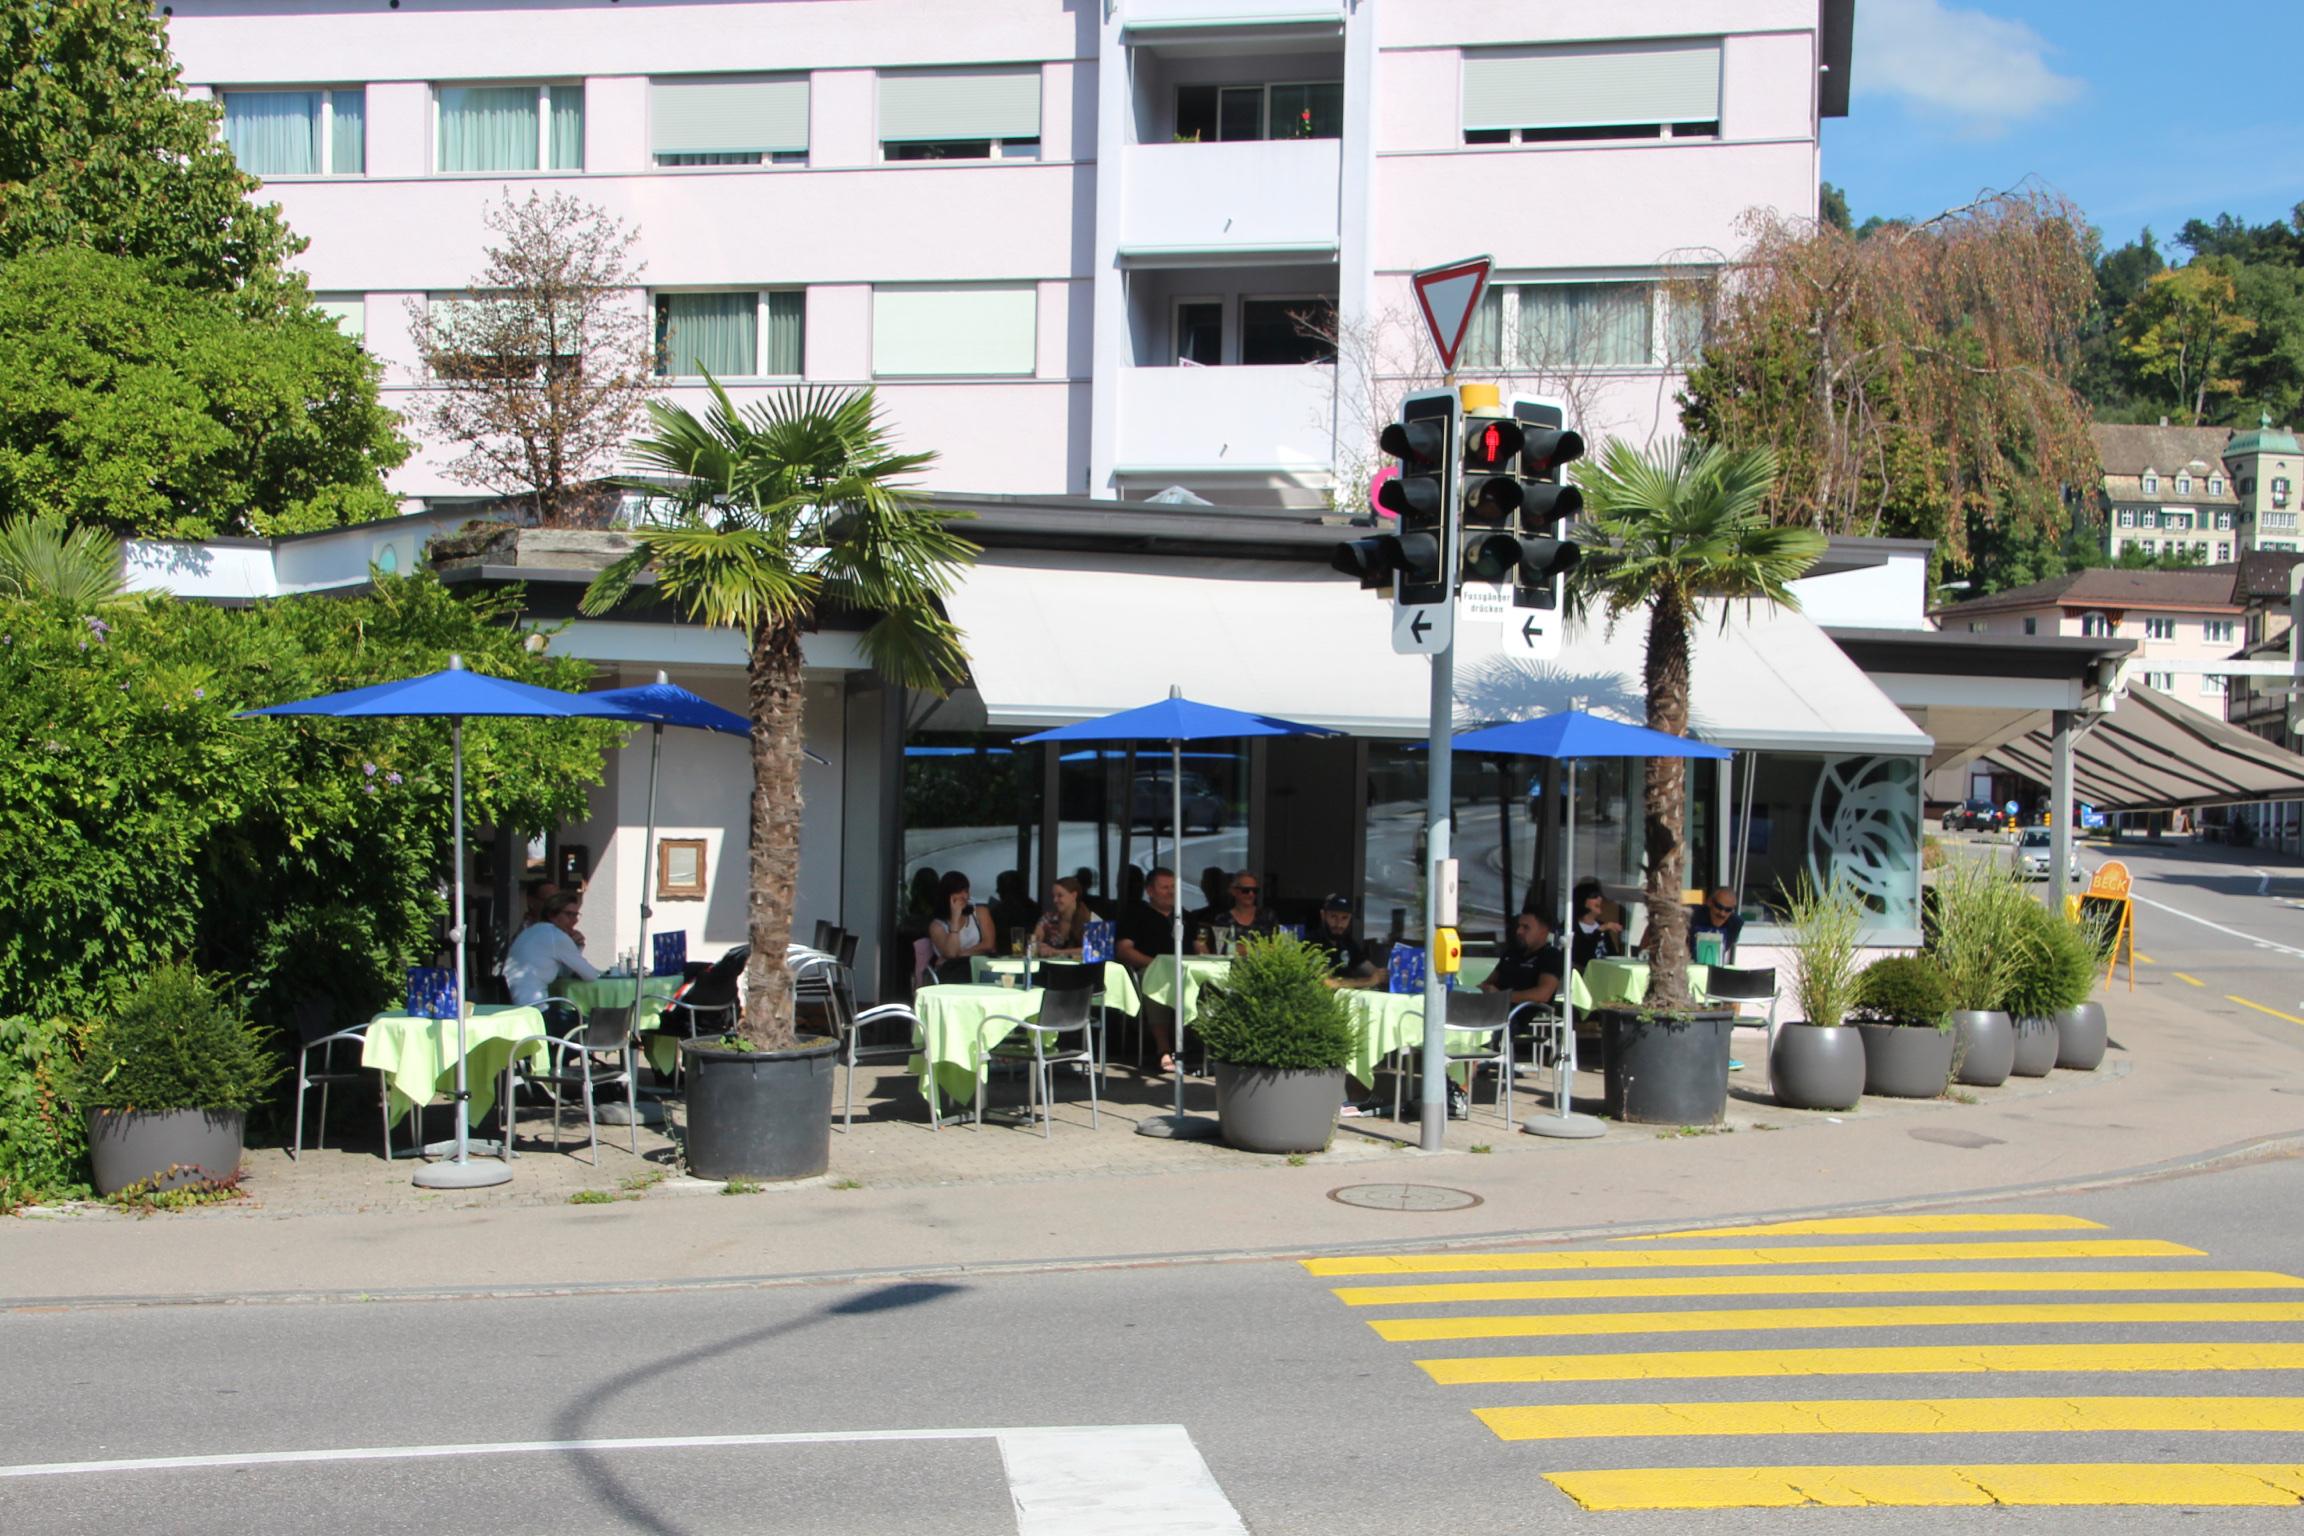 Cafe Abderhalden Aussenansicht